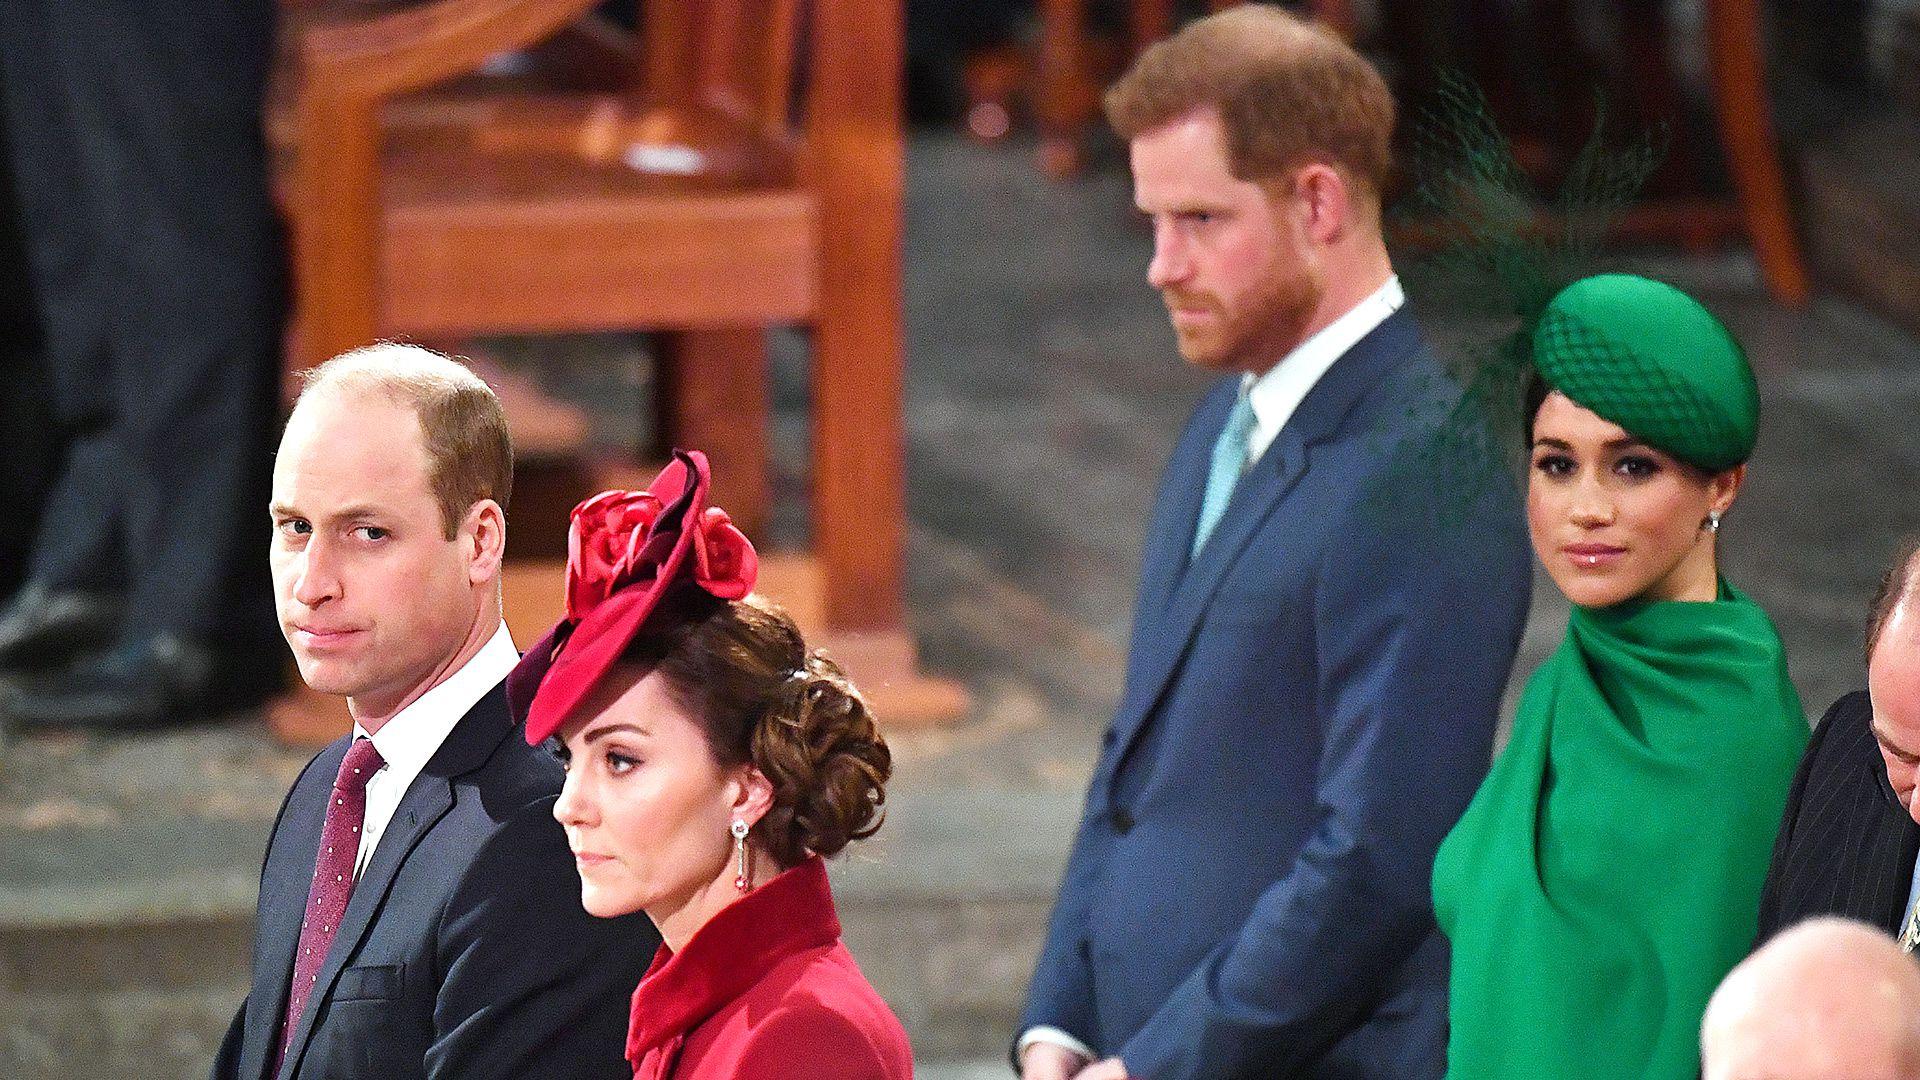 Meghan sintió que Kate evitó hacer contacto visual con ella ese día (AFP)